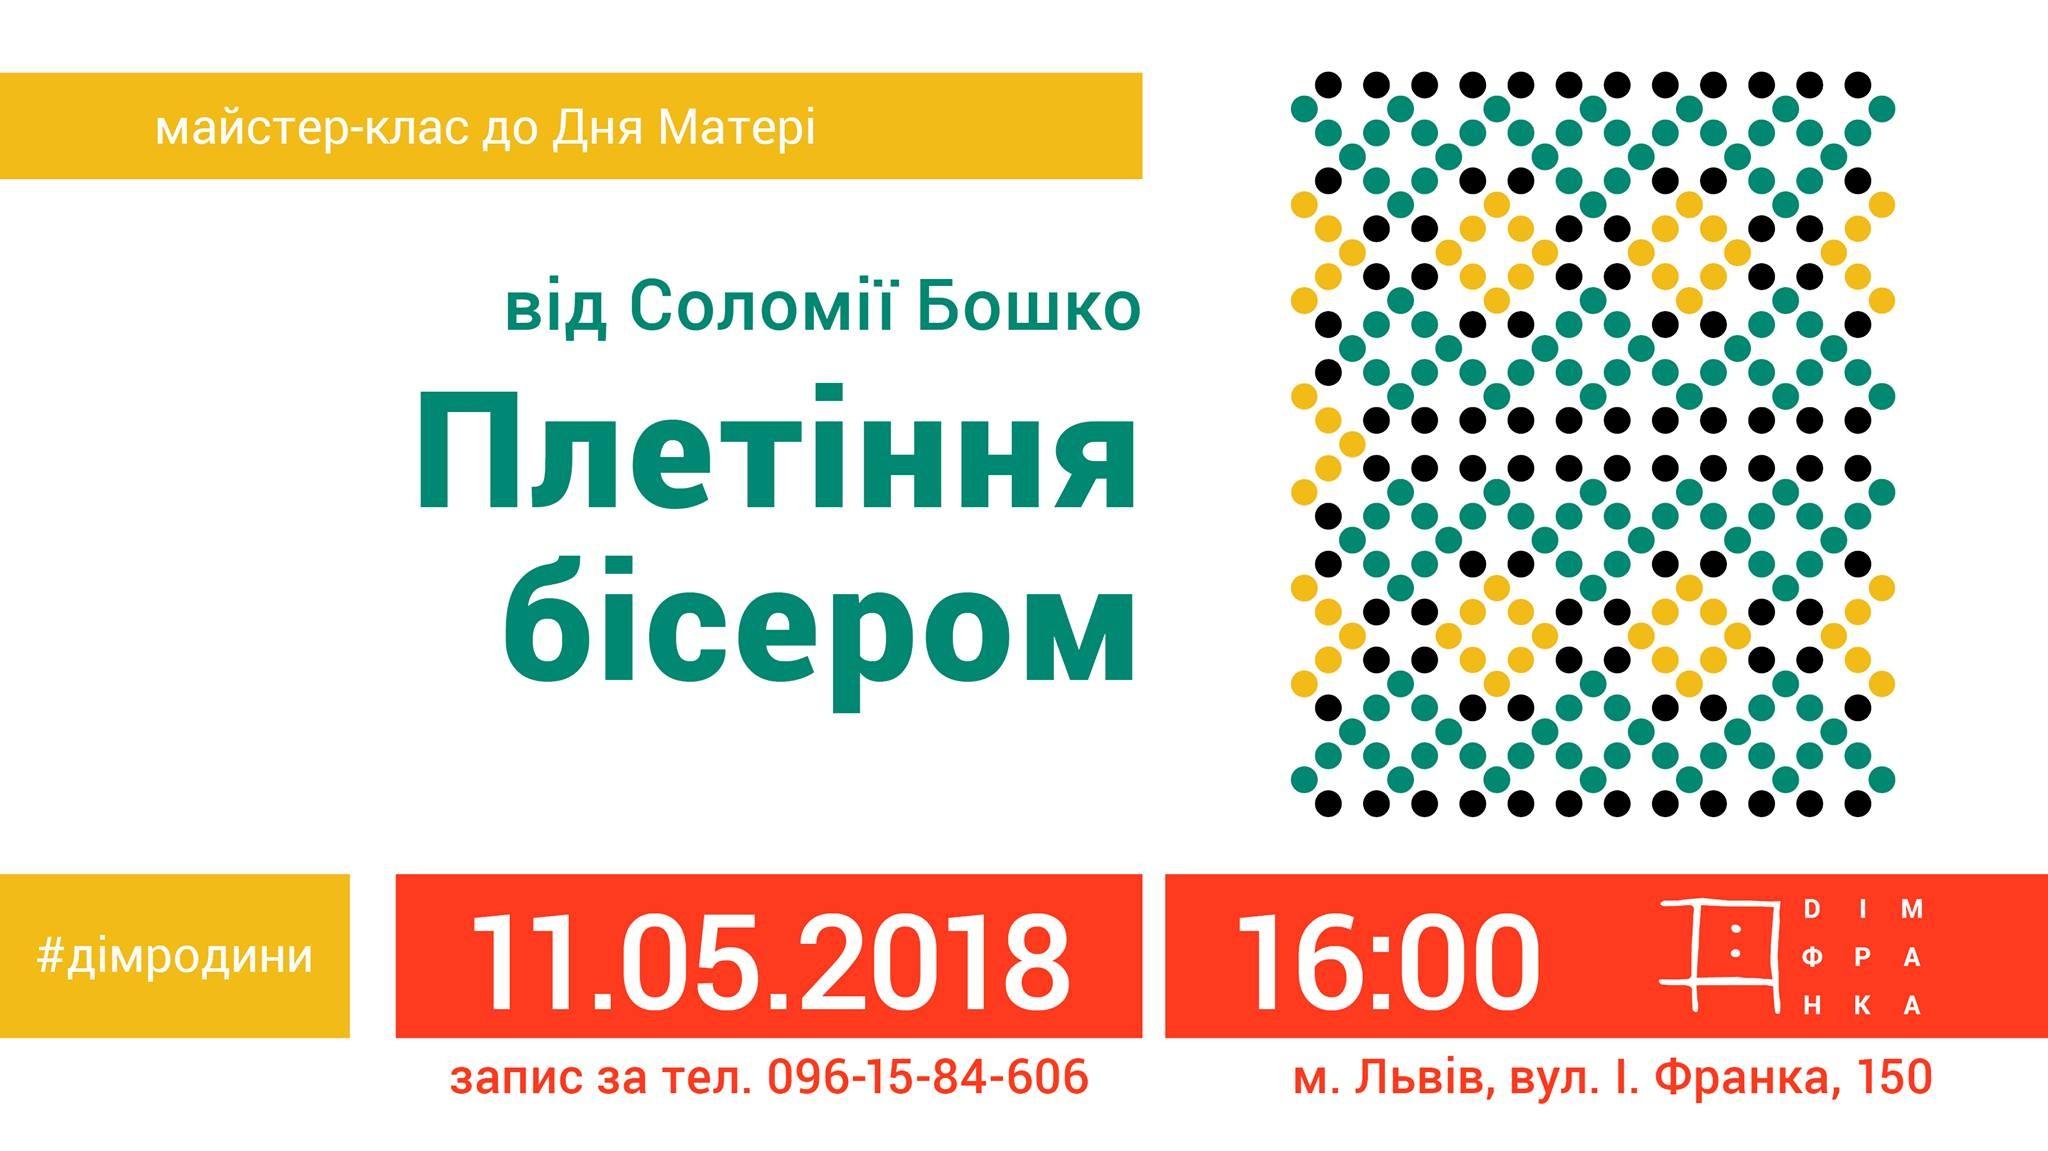 Майстер-клас із бісероплетіння від Соломії Бошко у місті Львів 11 ... 36f232f0e098c